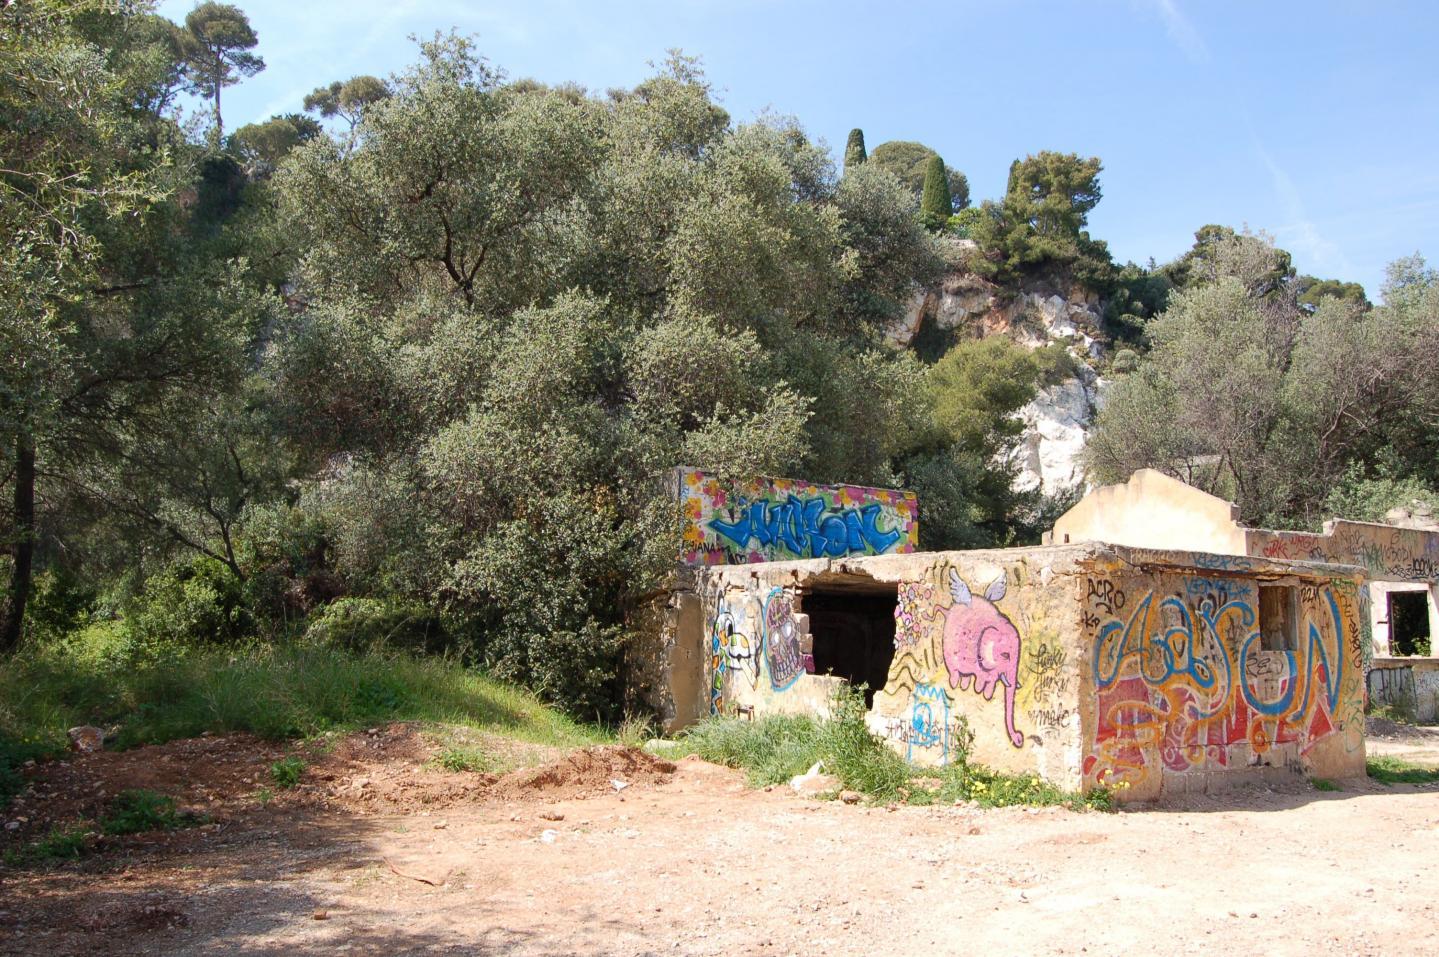 Le site de la Carrière, classé en zone remarquable, pourrait être mis en valeur après son déclassement.